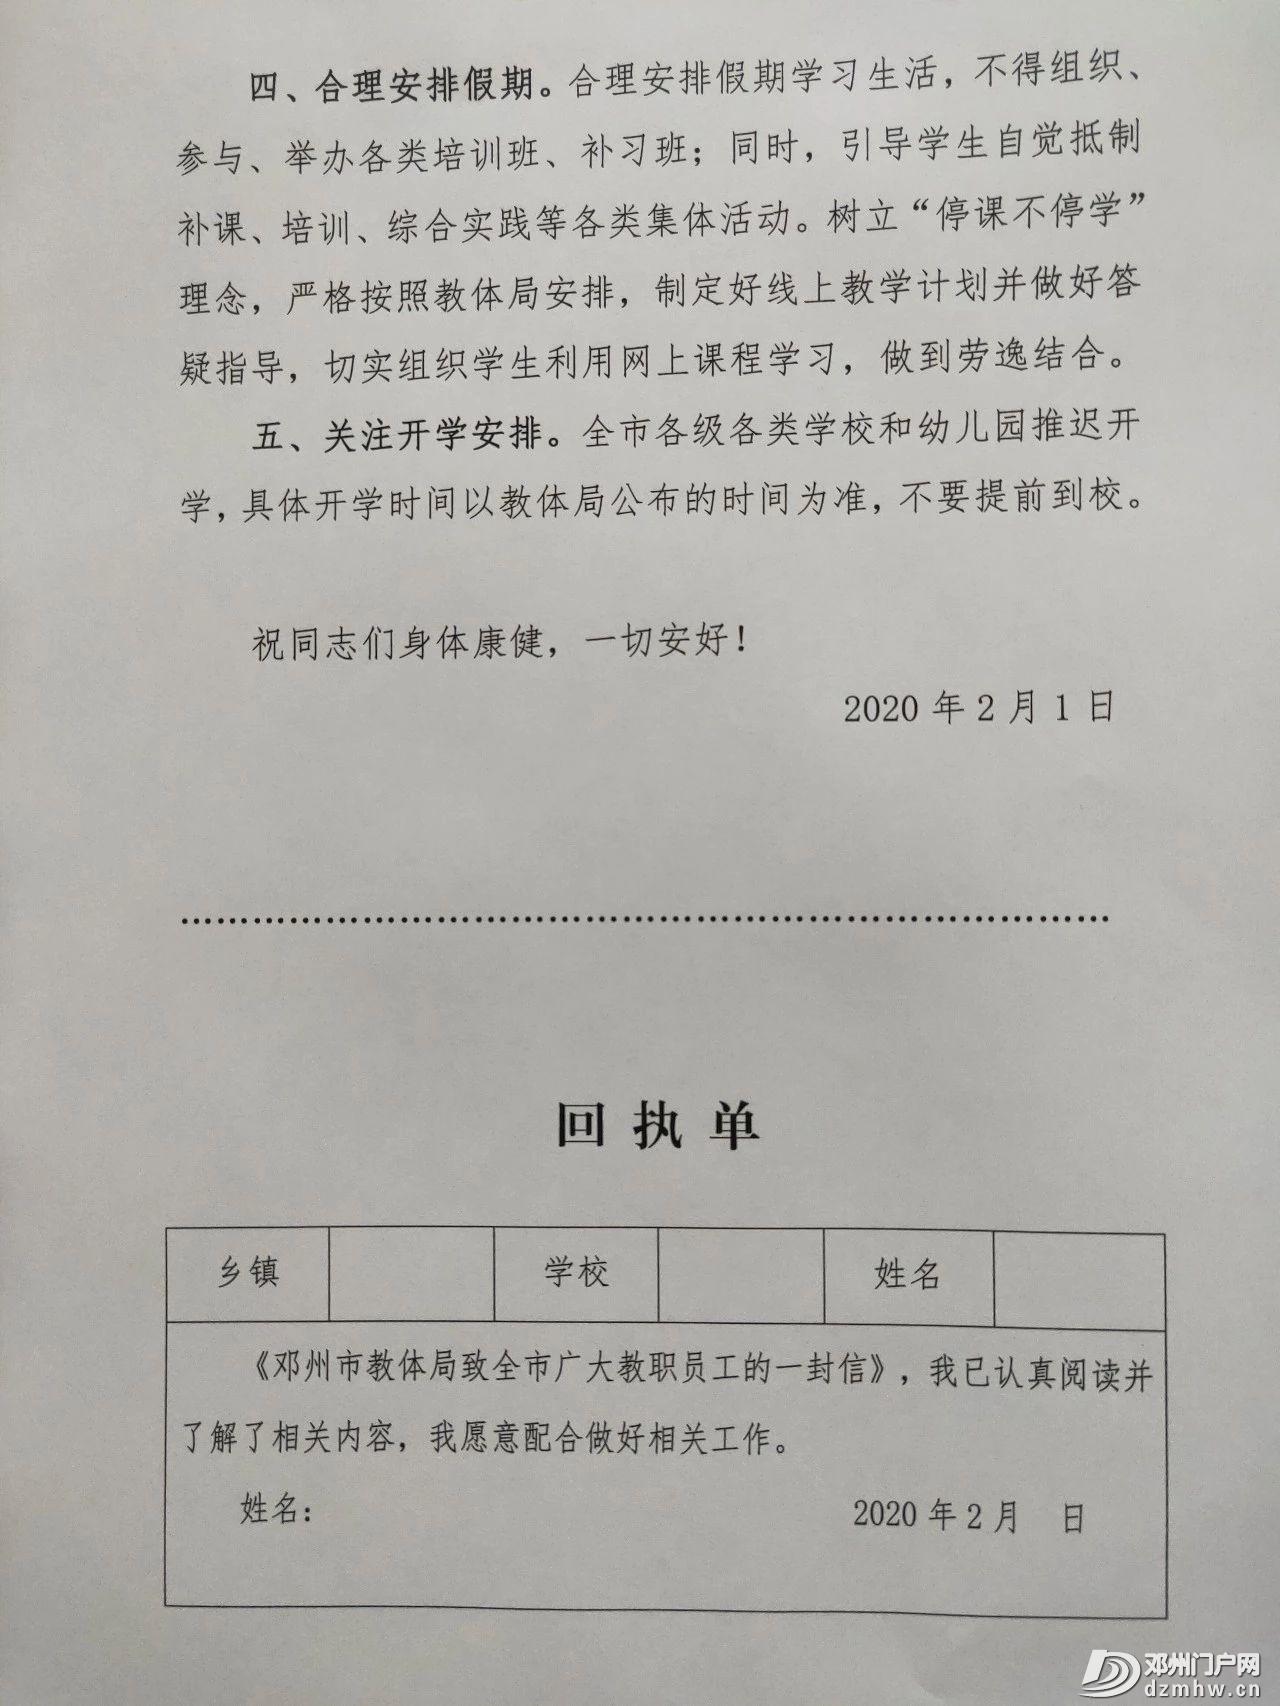 重要提示!邓州市教体局致全市广大教职员工的一封信 - 邓州门户网|邓州网 - 607507729438f888a7b4e0bfbf73e2d6.jpg